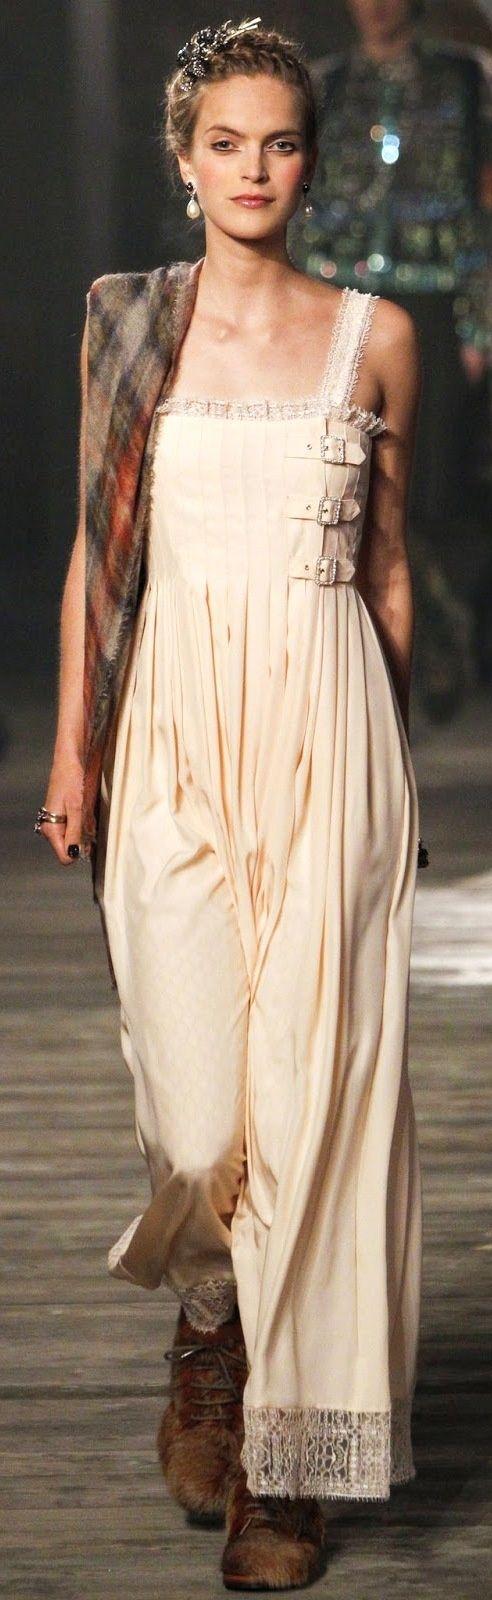 Chanel Pre-Fall 2013 Fashion Show очень интересный микс лямок, складок, хлястиков, кружев и летящего силуэта. На основе нейтральной ткани.